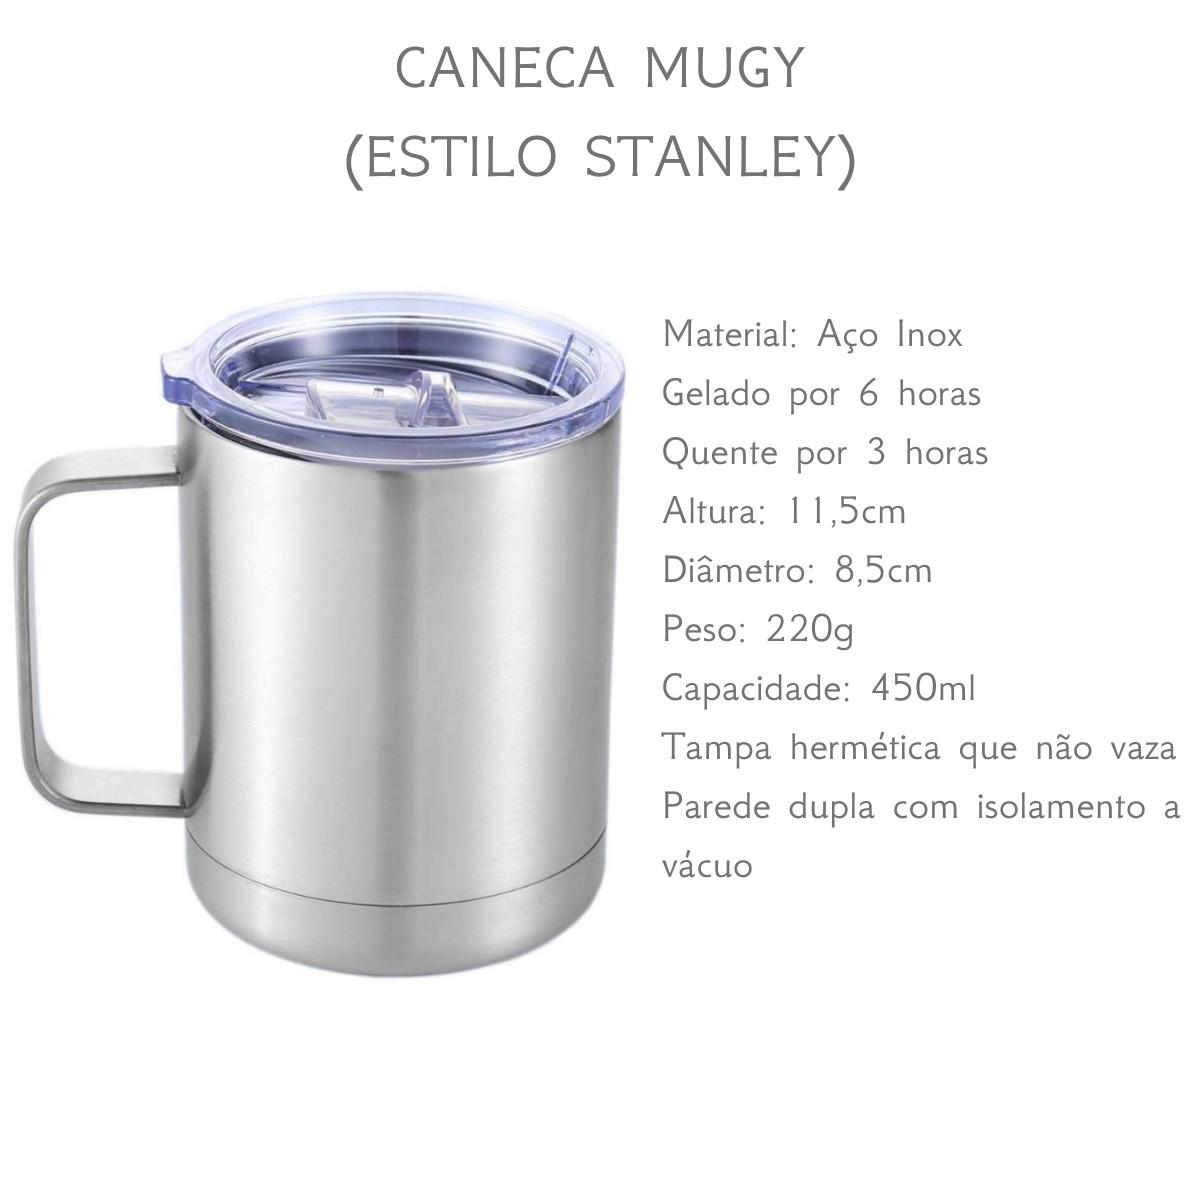 Caneca Térmica Mugy 350mL